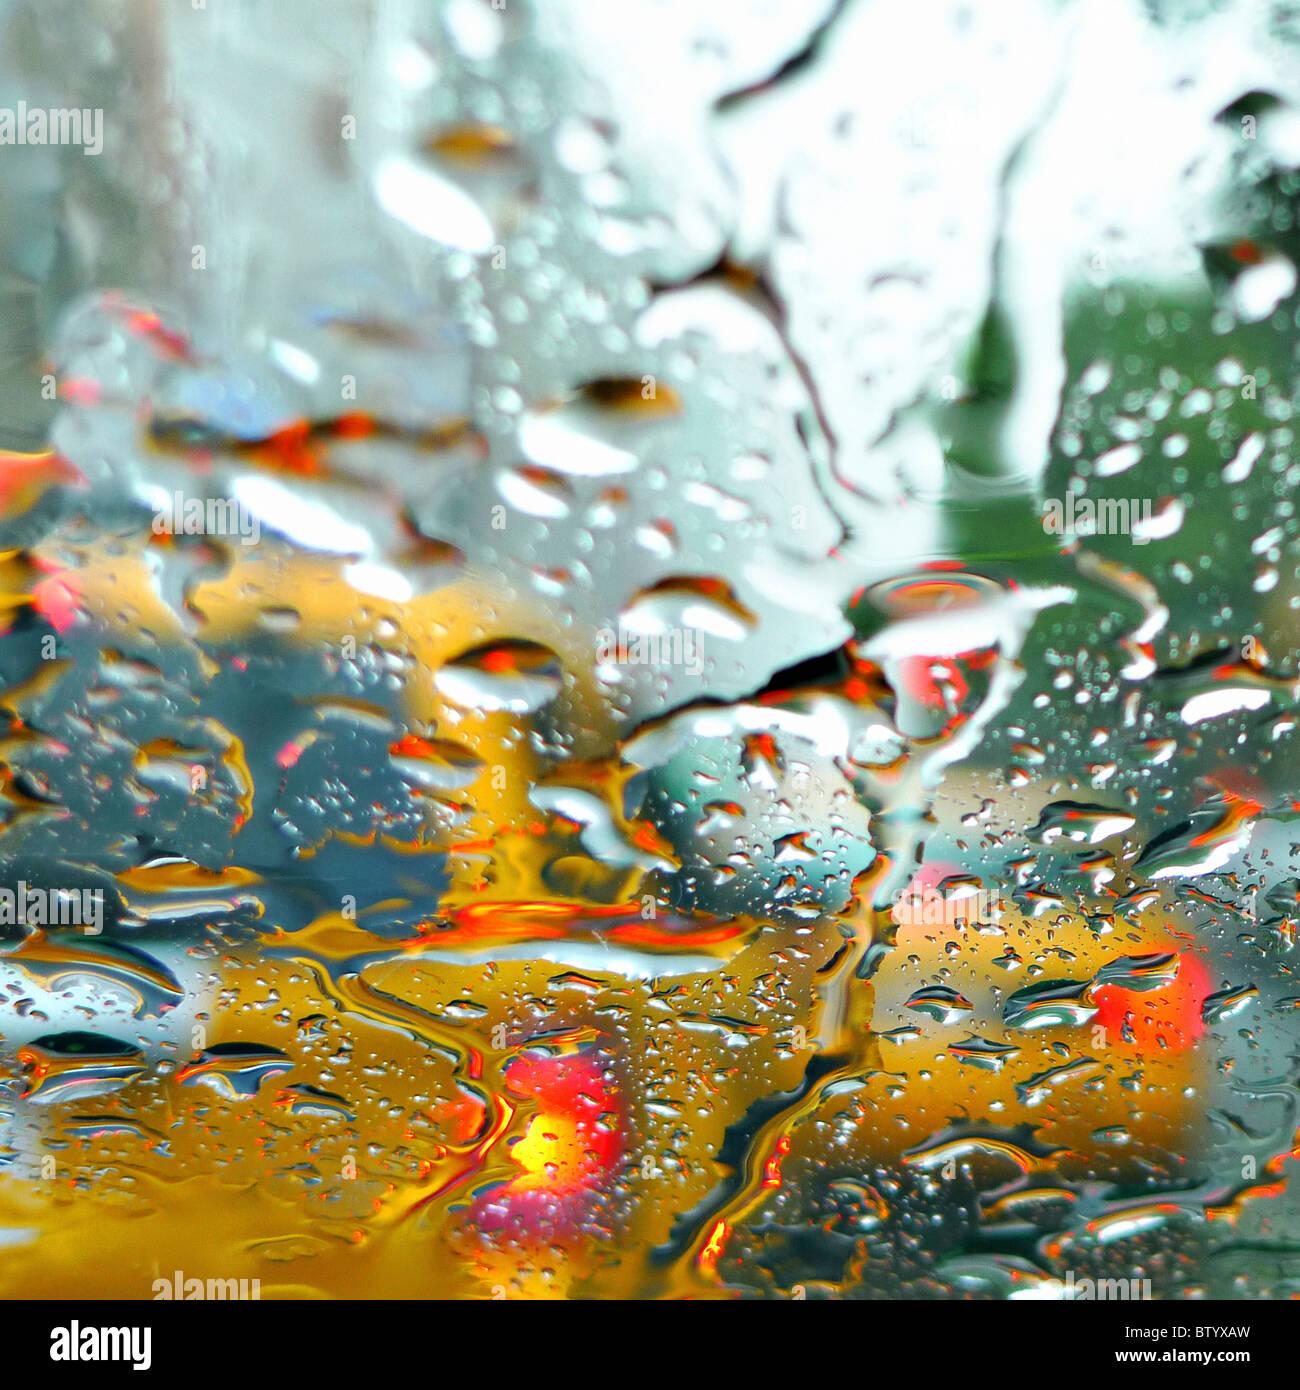 Verschwommenes Bild gelb NYC Taxis durch Regen Fenster. Stockbild